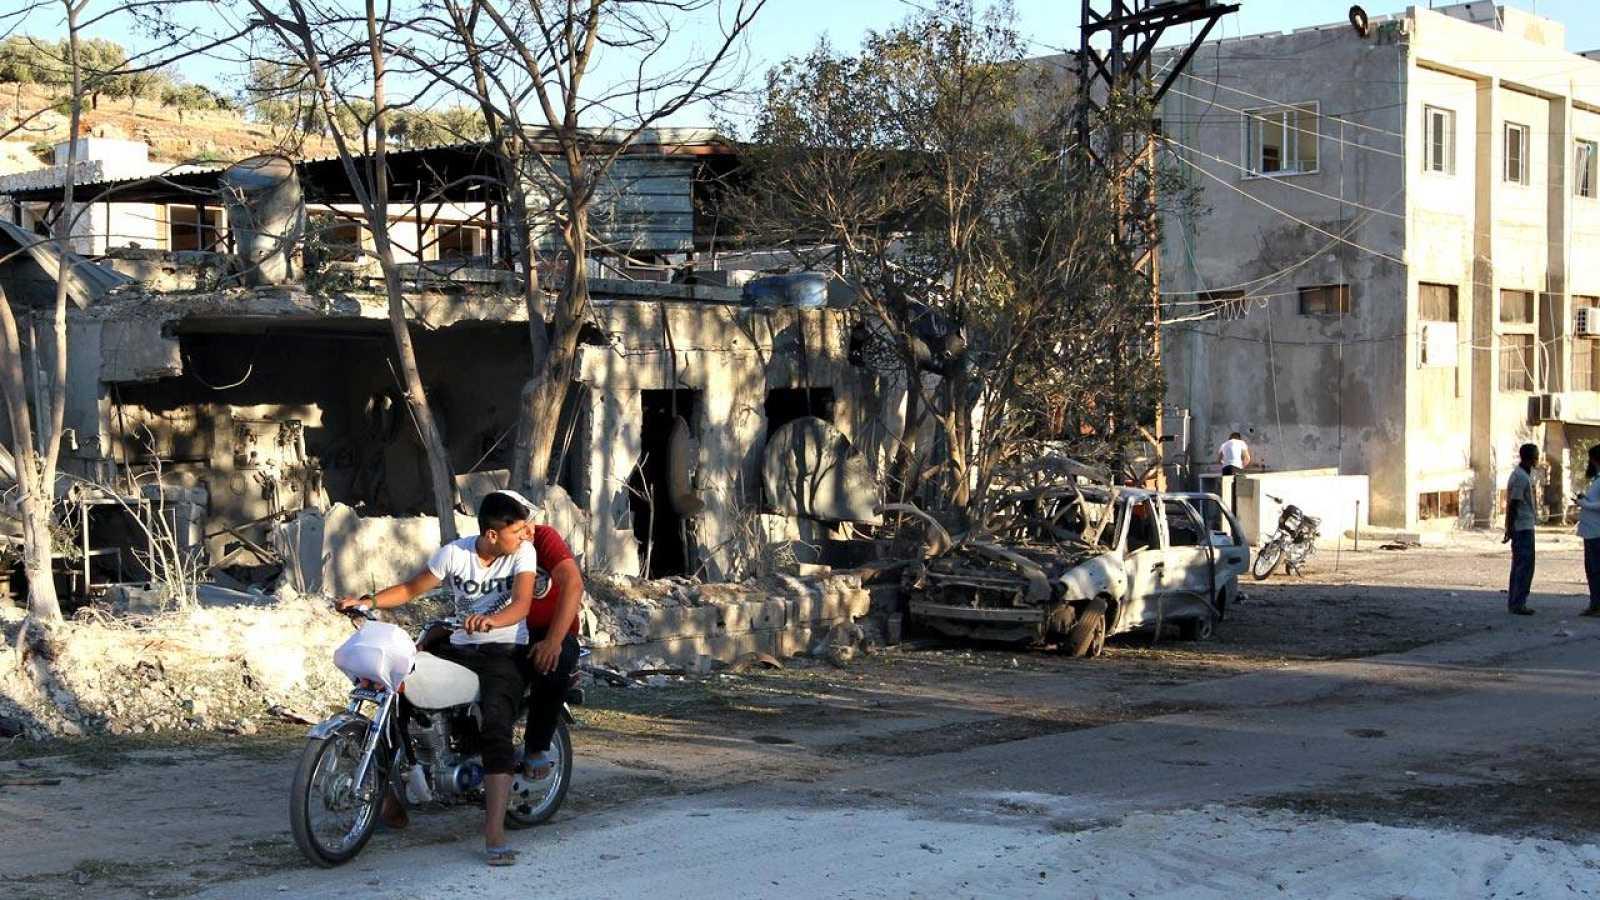 El hospital materno-infantil bombardeado en Idlib, en el norte de Siria